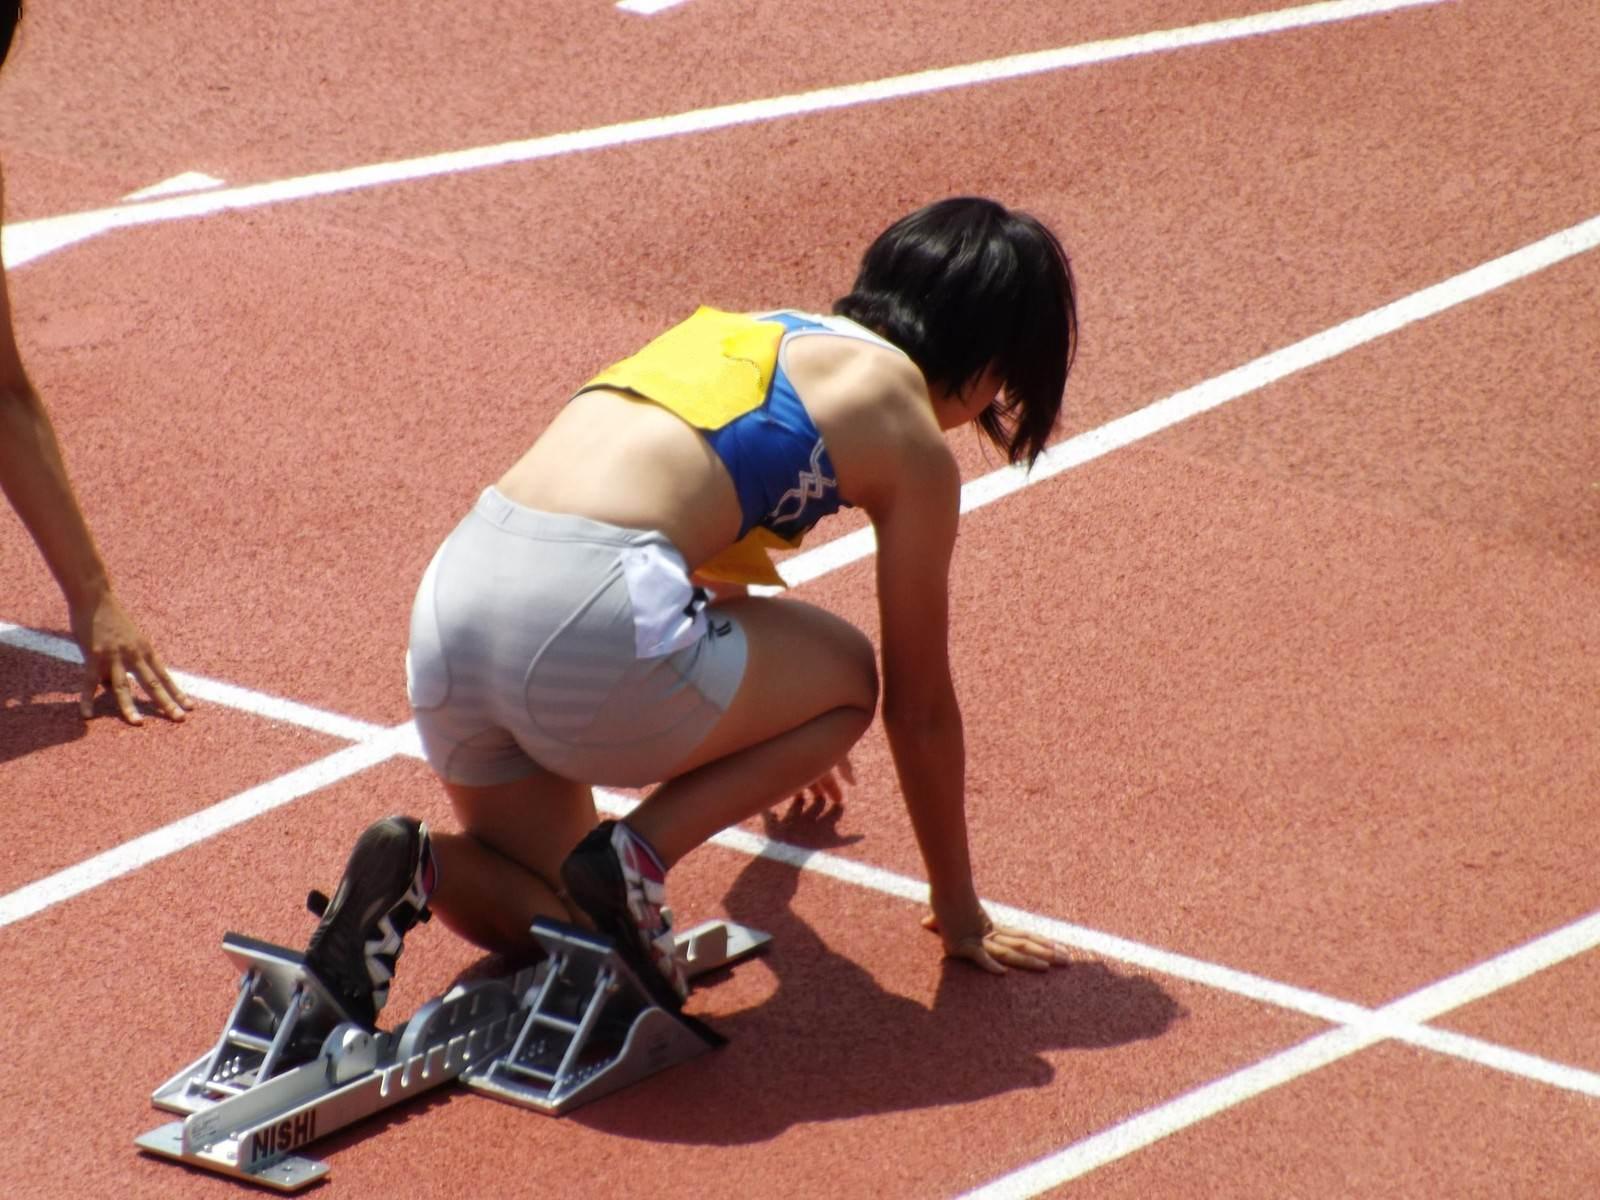 健康的なJKが一番!!スポーツ女子の陸上部のエロ画像wwww uzhKUBr